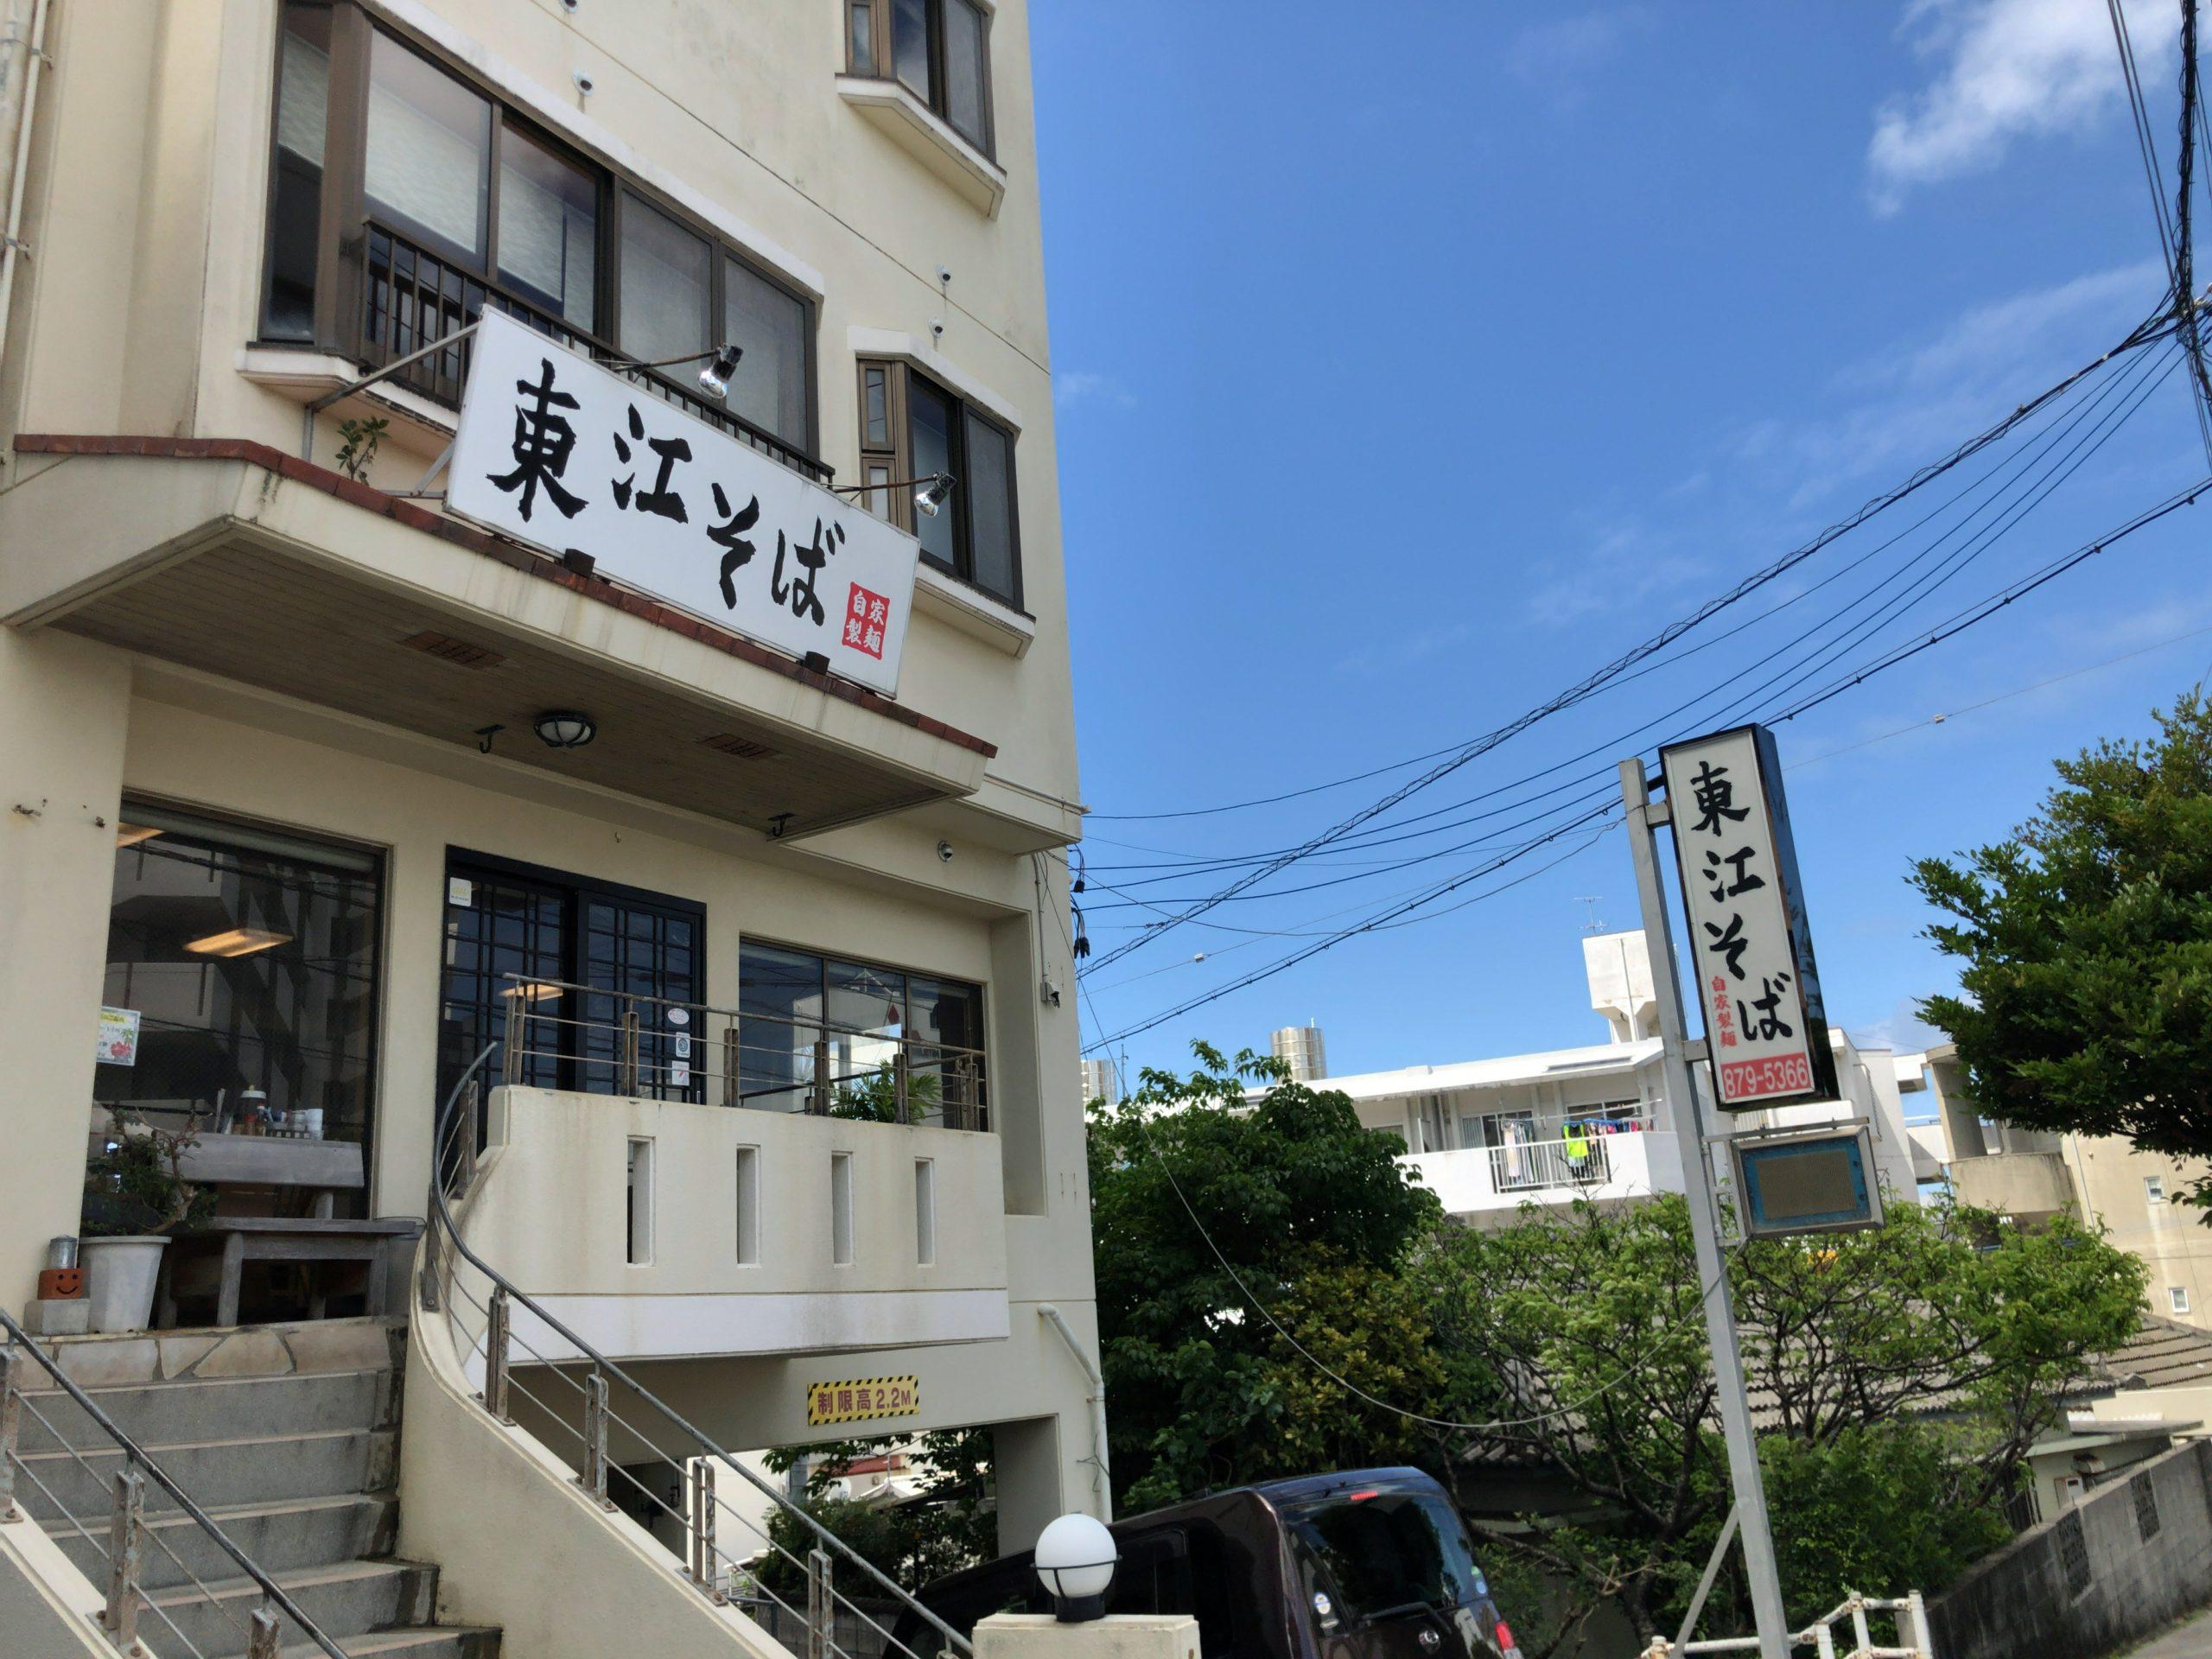 『東江そば浦添本店』沖縄そば屋ですが餃子も美味です